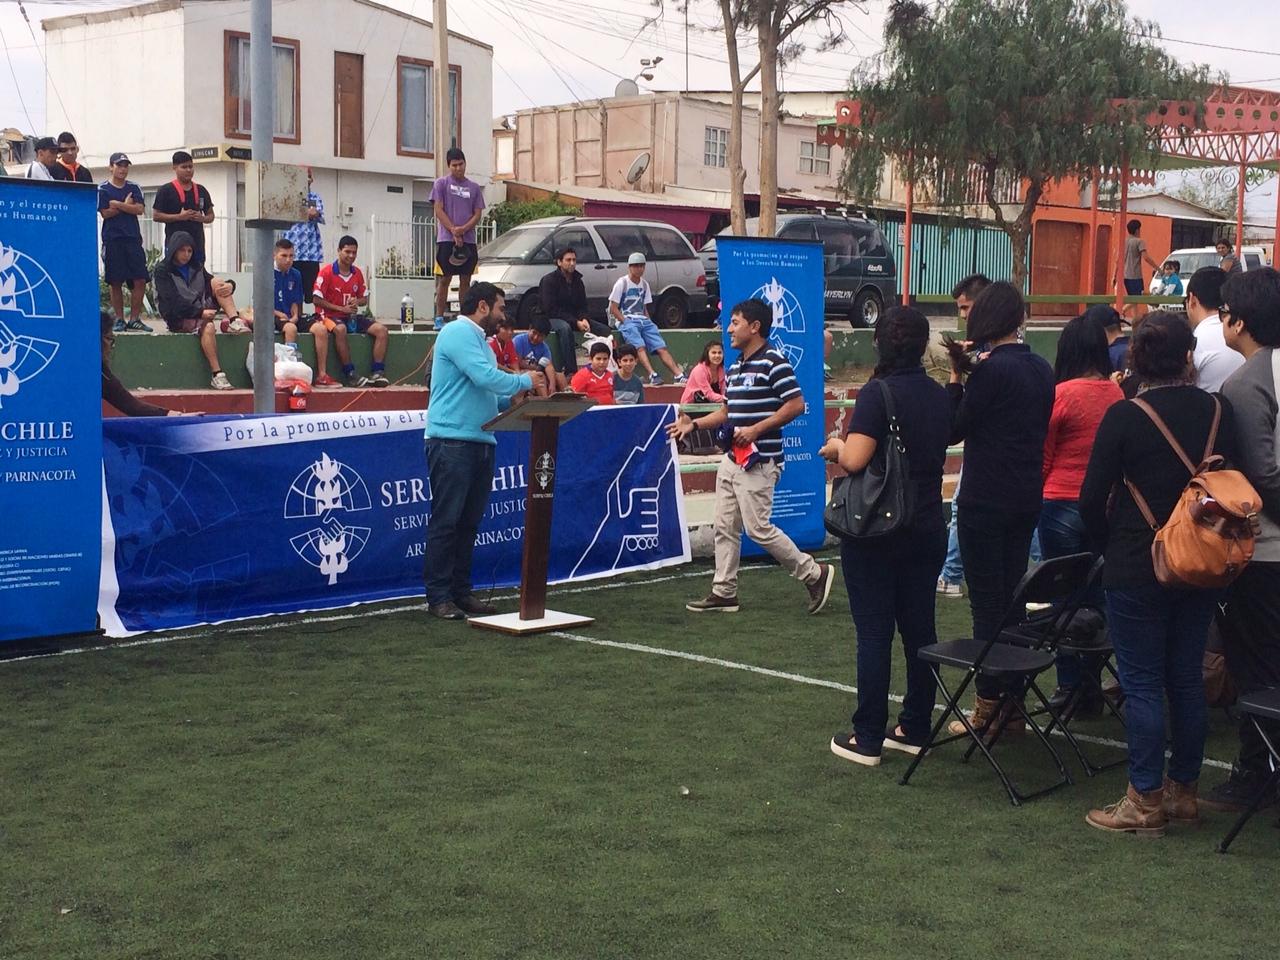 """Serpaj Arica realiza V Campeonato de Baby Fútbol """"Jugando por la paz"""""""